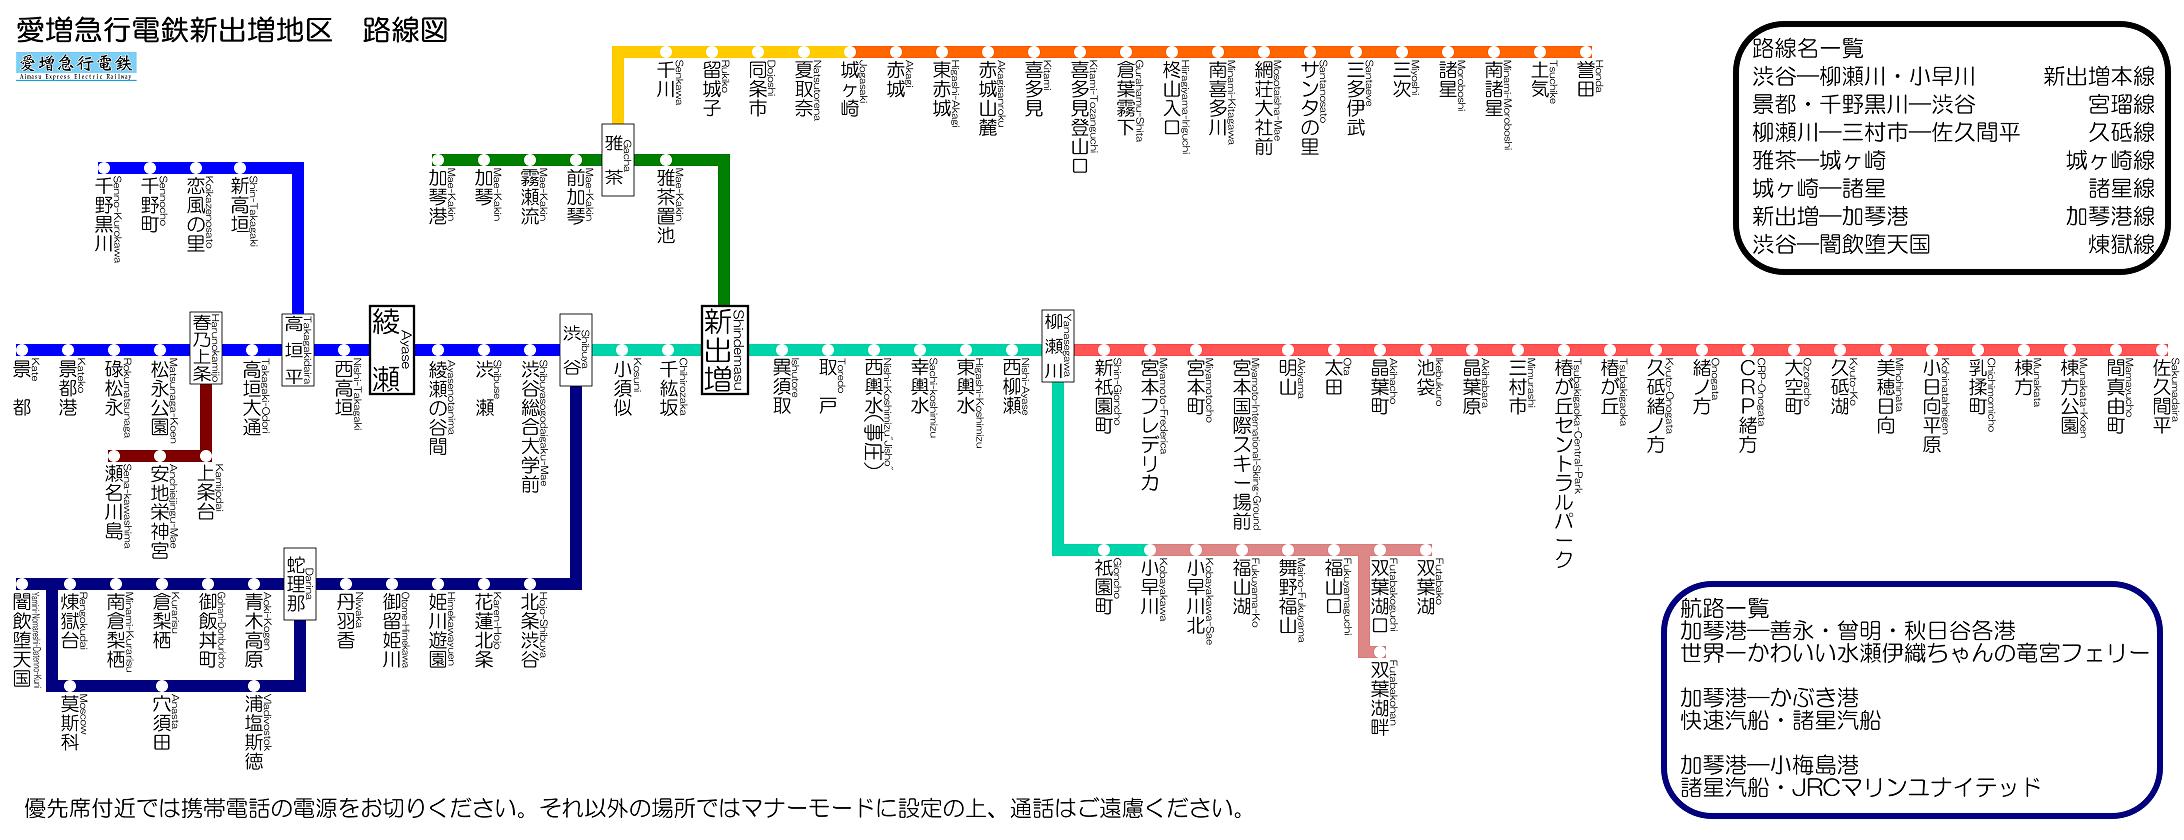 新出増路線図.png